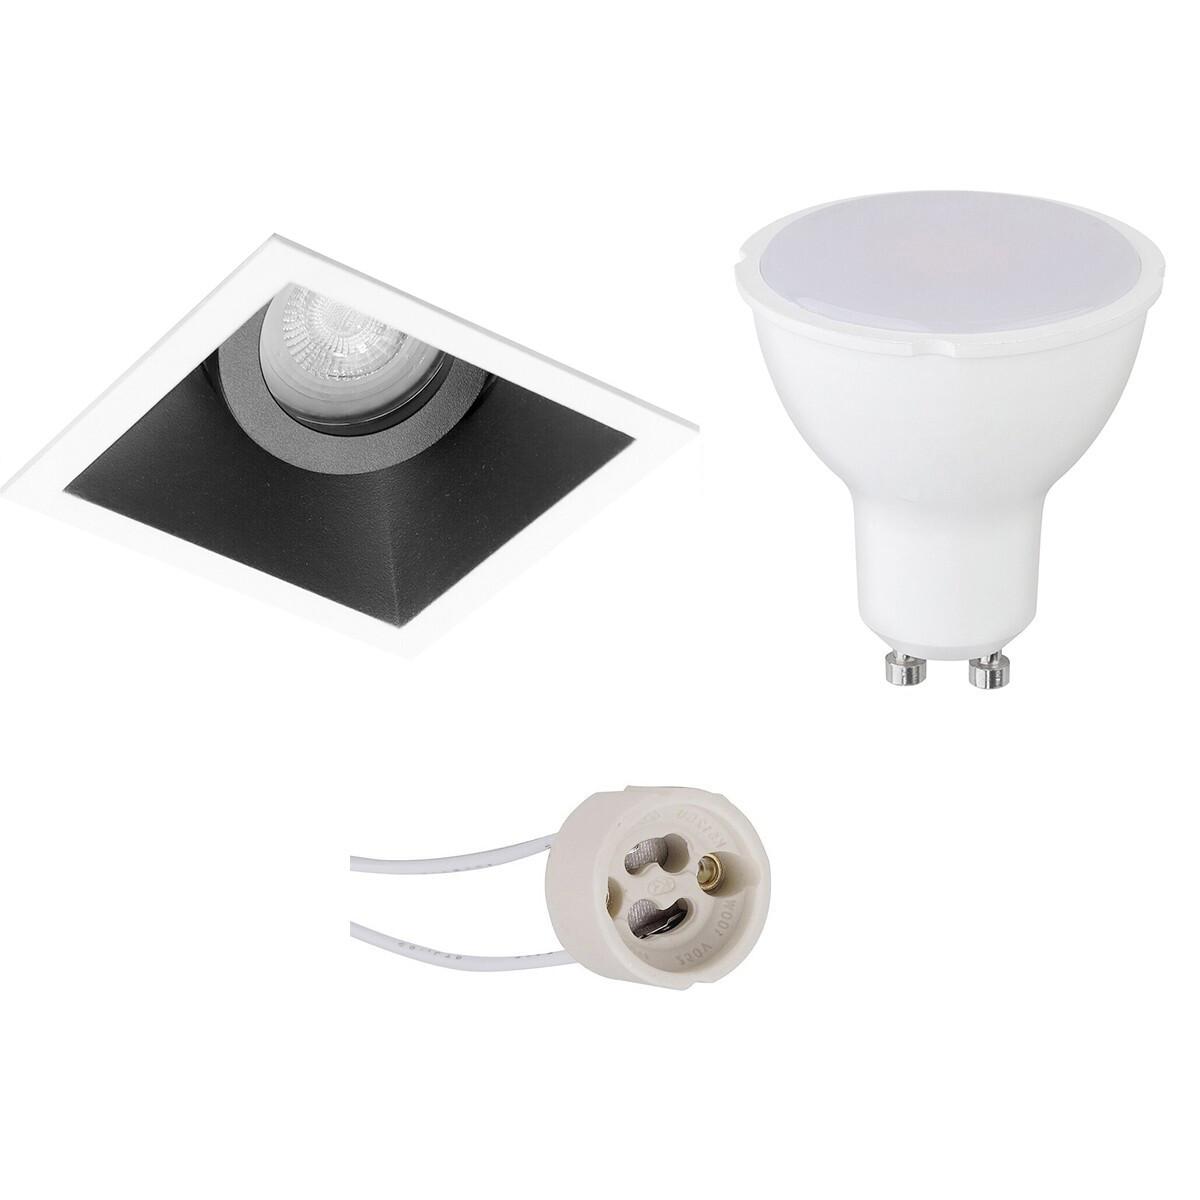 LED Spot Set - Pragmi Zano Pro - GU10 Fitting - Inbouw Vierkant - Mat Zwart/Wit - 6W - Helder/Koud W